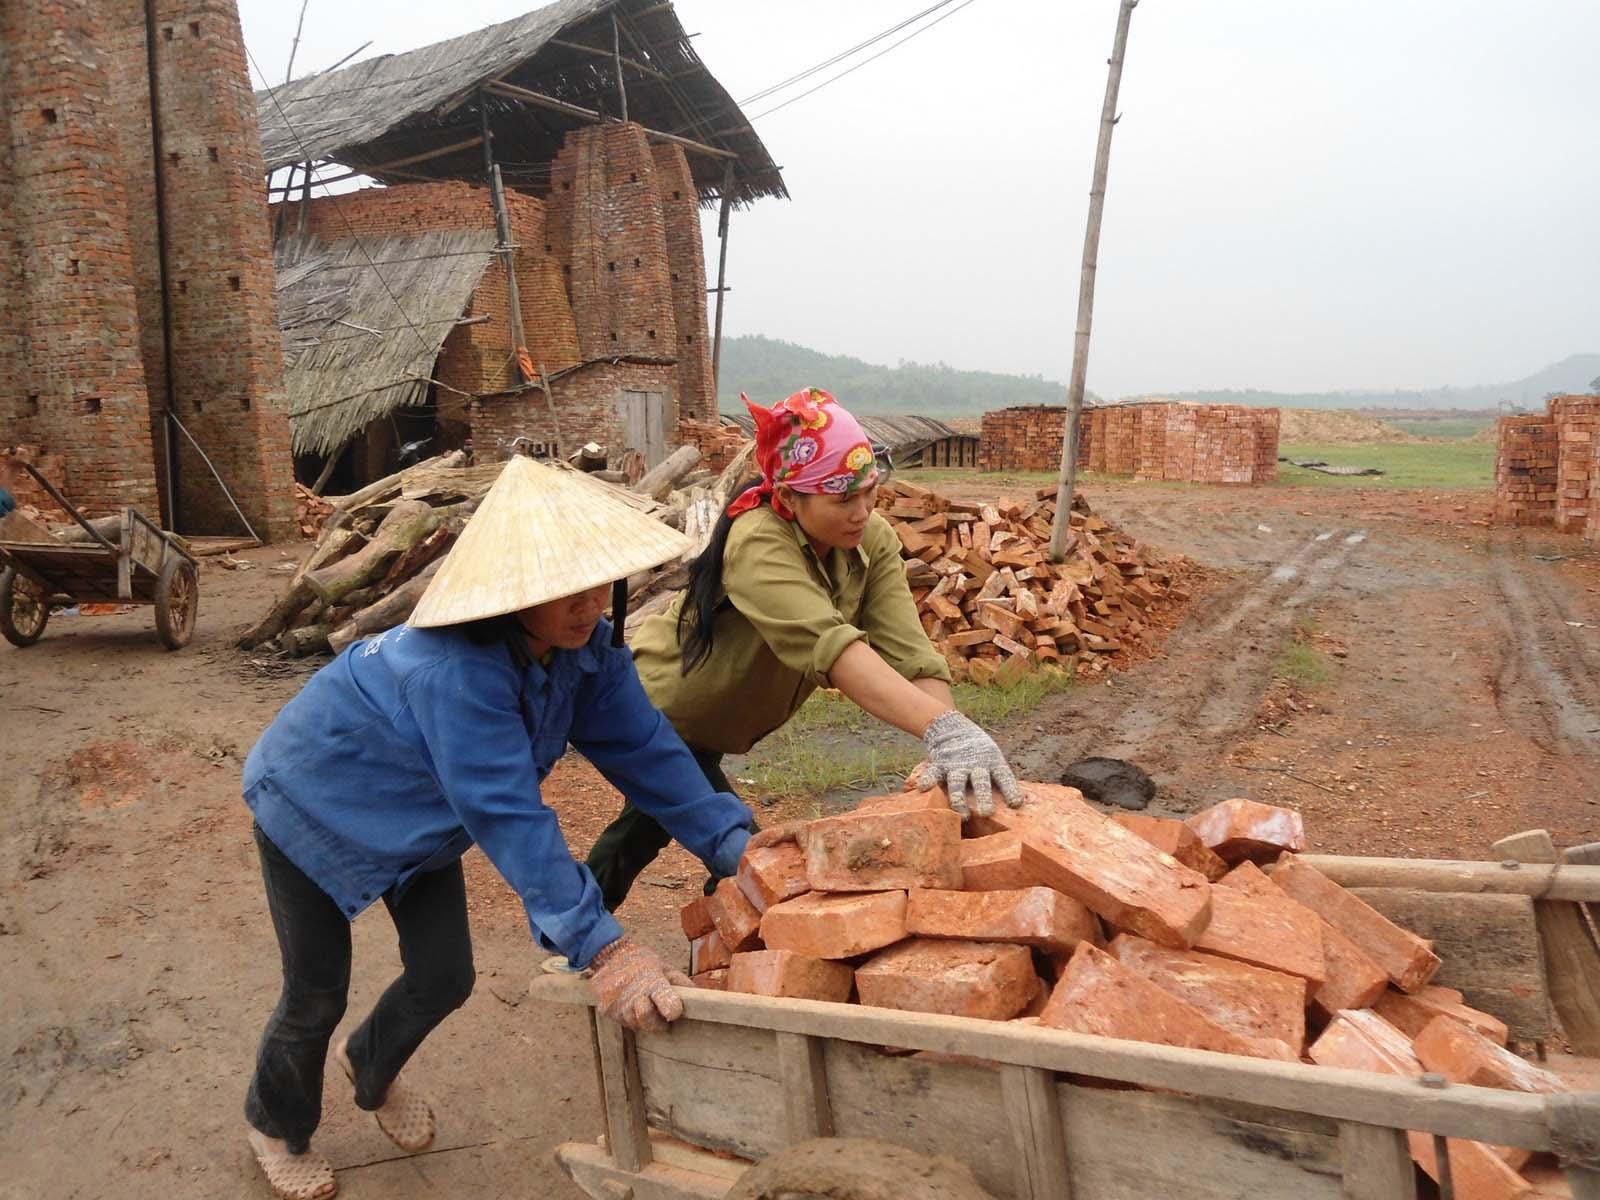 Gần 60% lực lượng lao động của Việt Nam là 'phi chính thức'